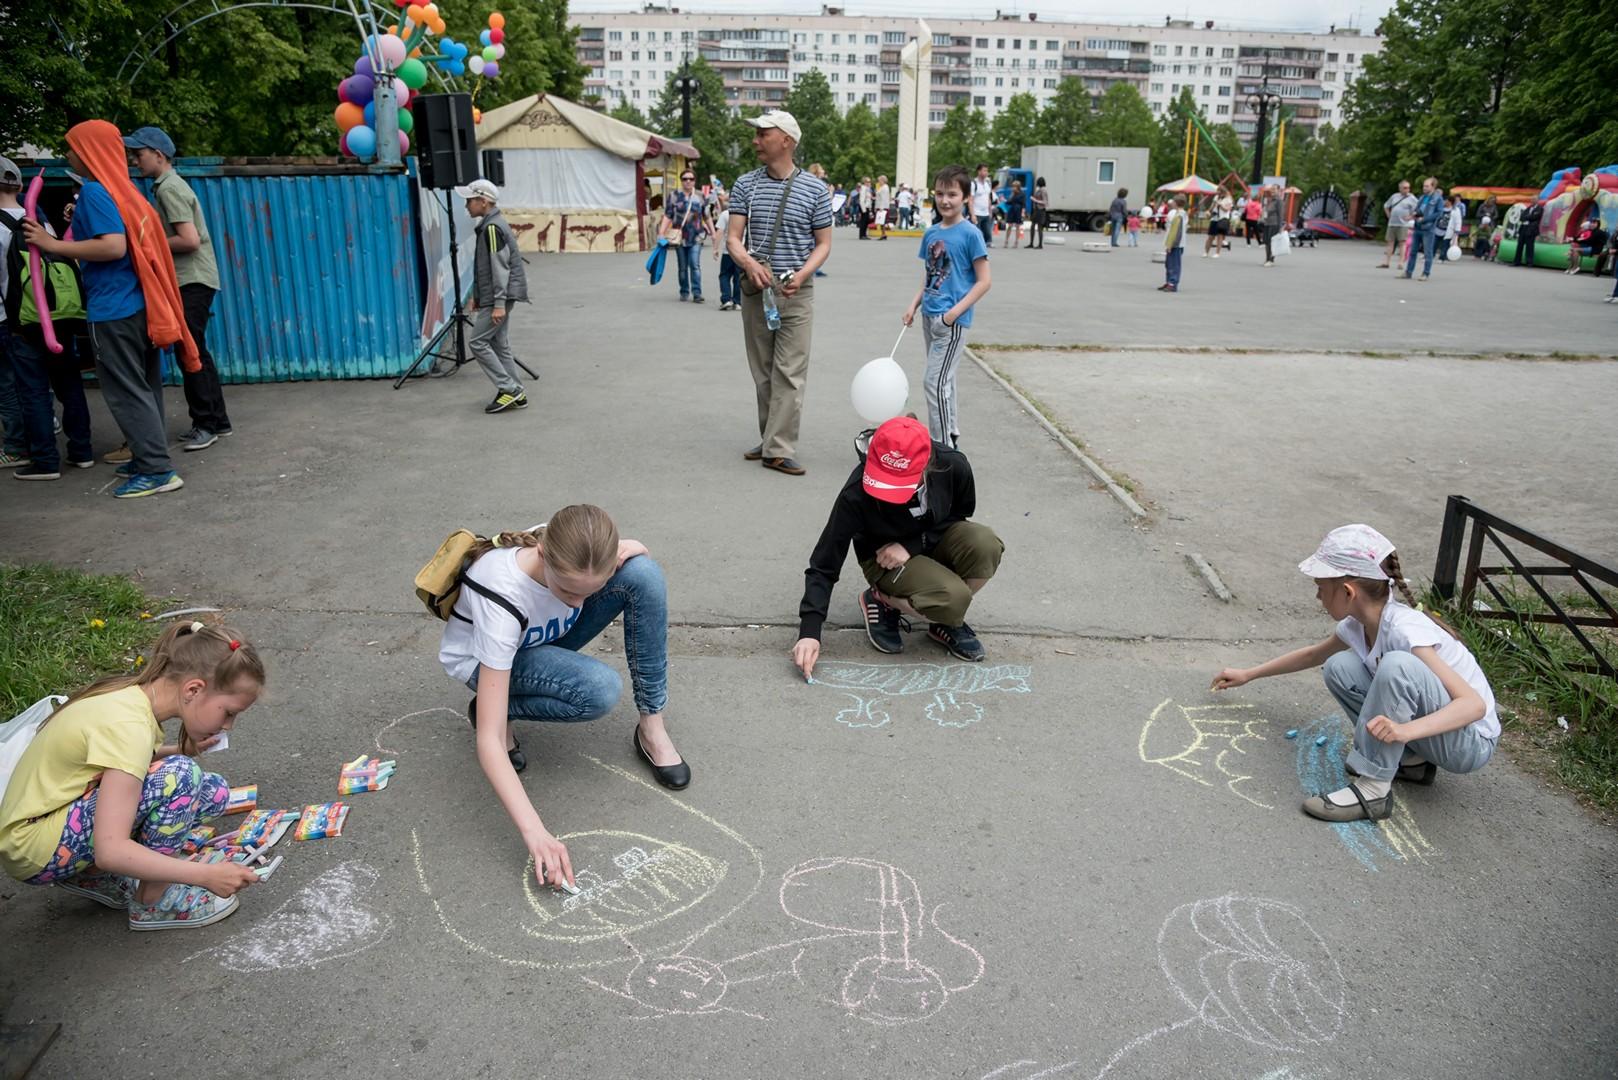 день здоровья эстафета на улице для взрослых